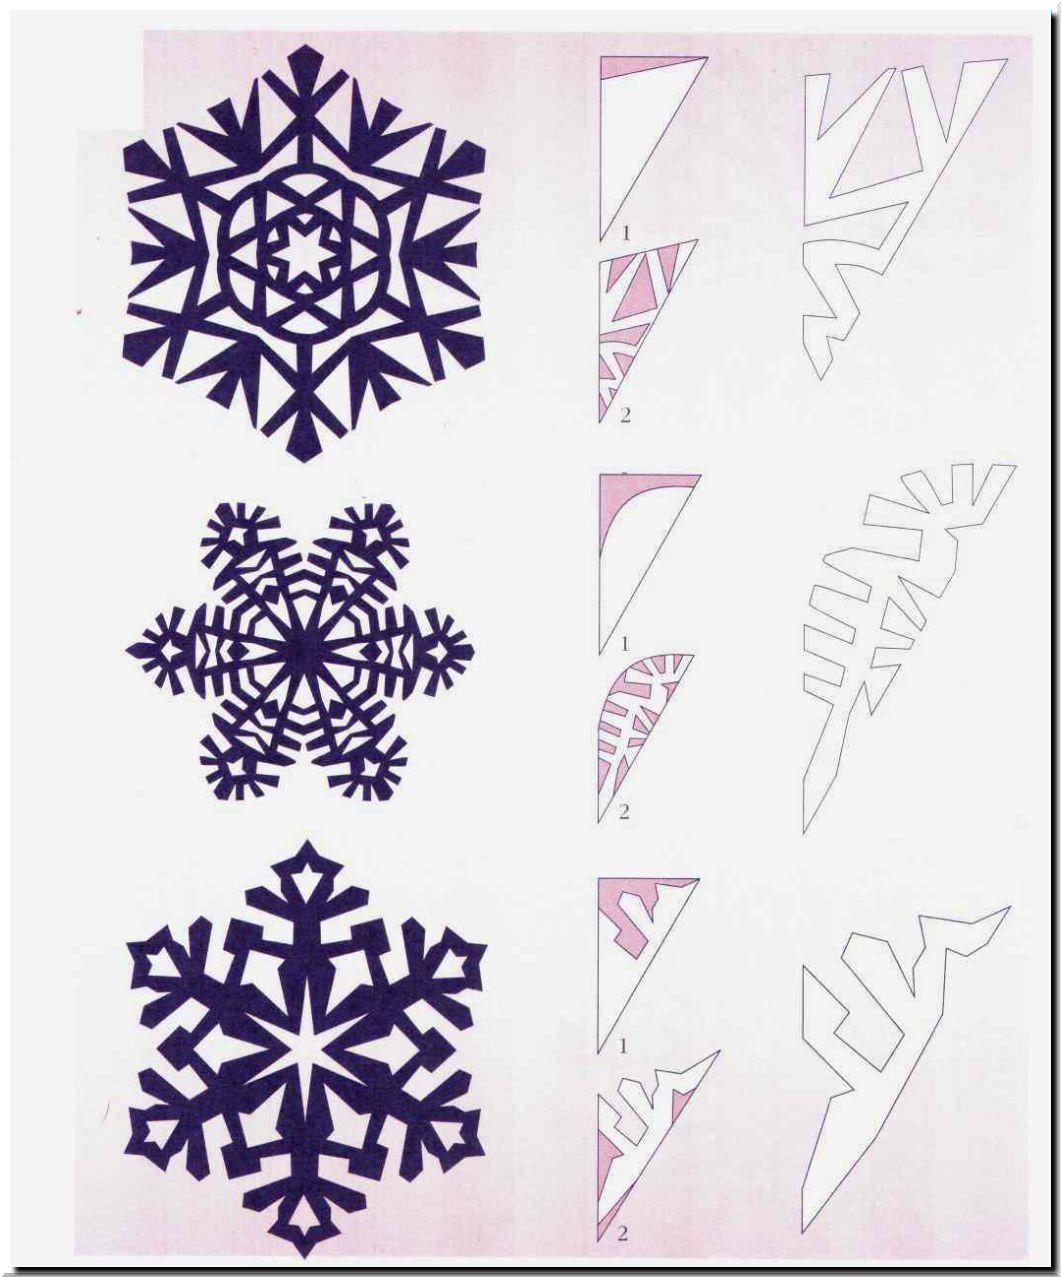 готовая снежинка и схема рисунка для ее вырезания, вариант ...  Красивые Поделки из Бумаги И Как Их Делать